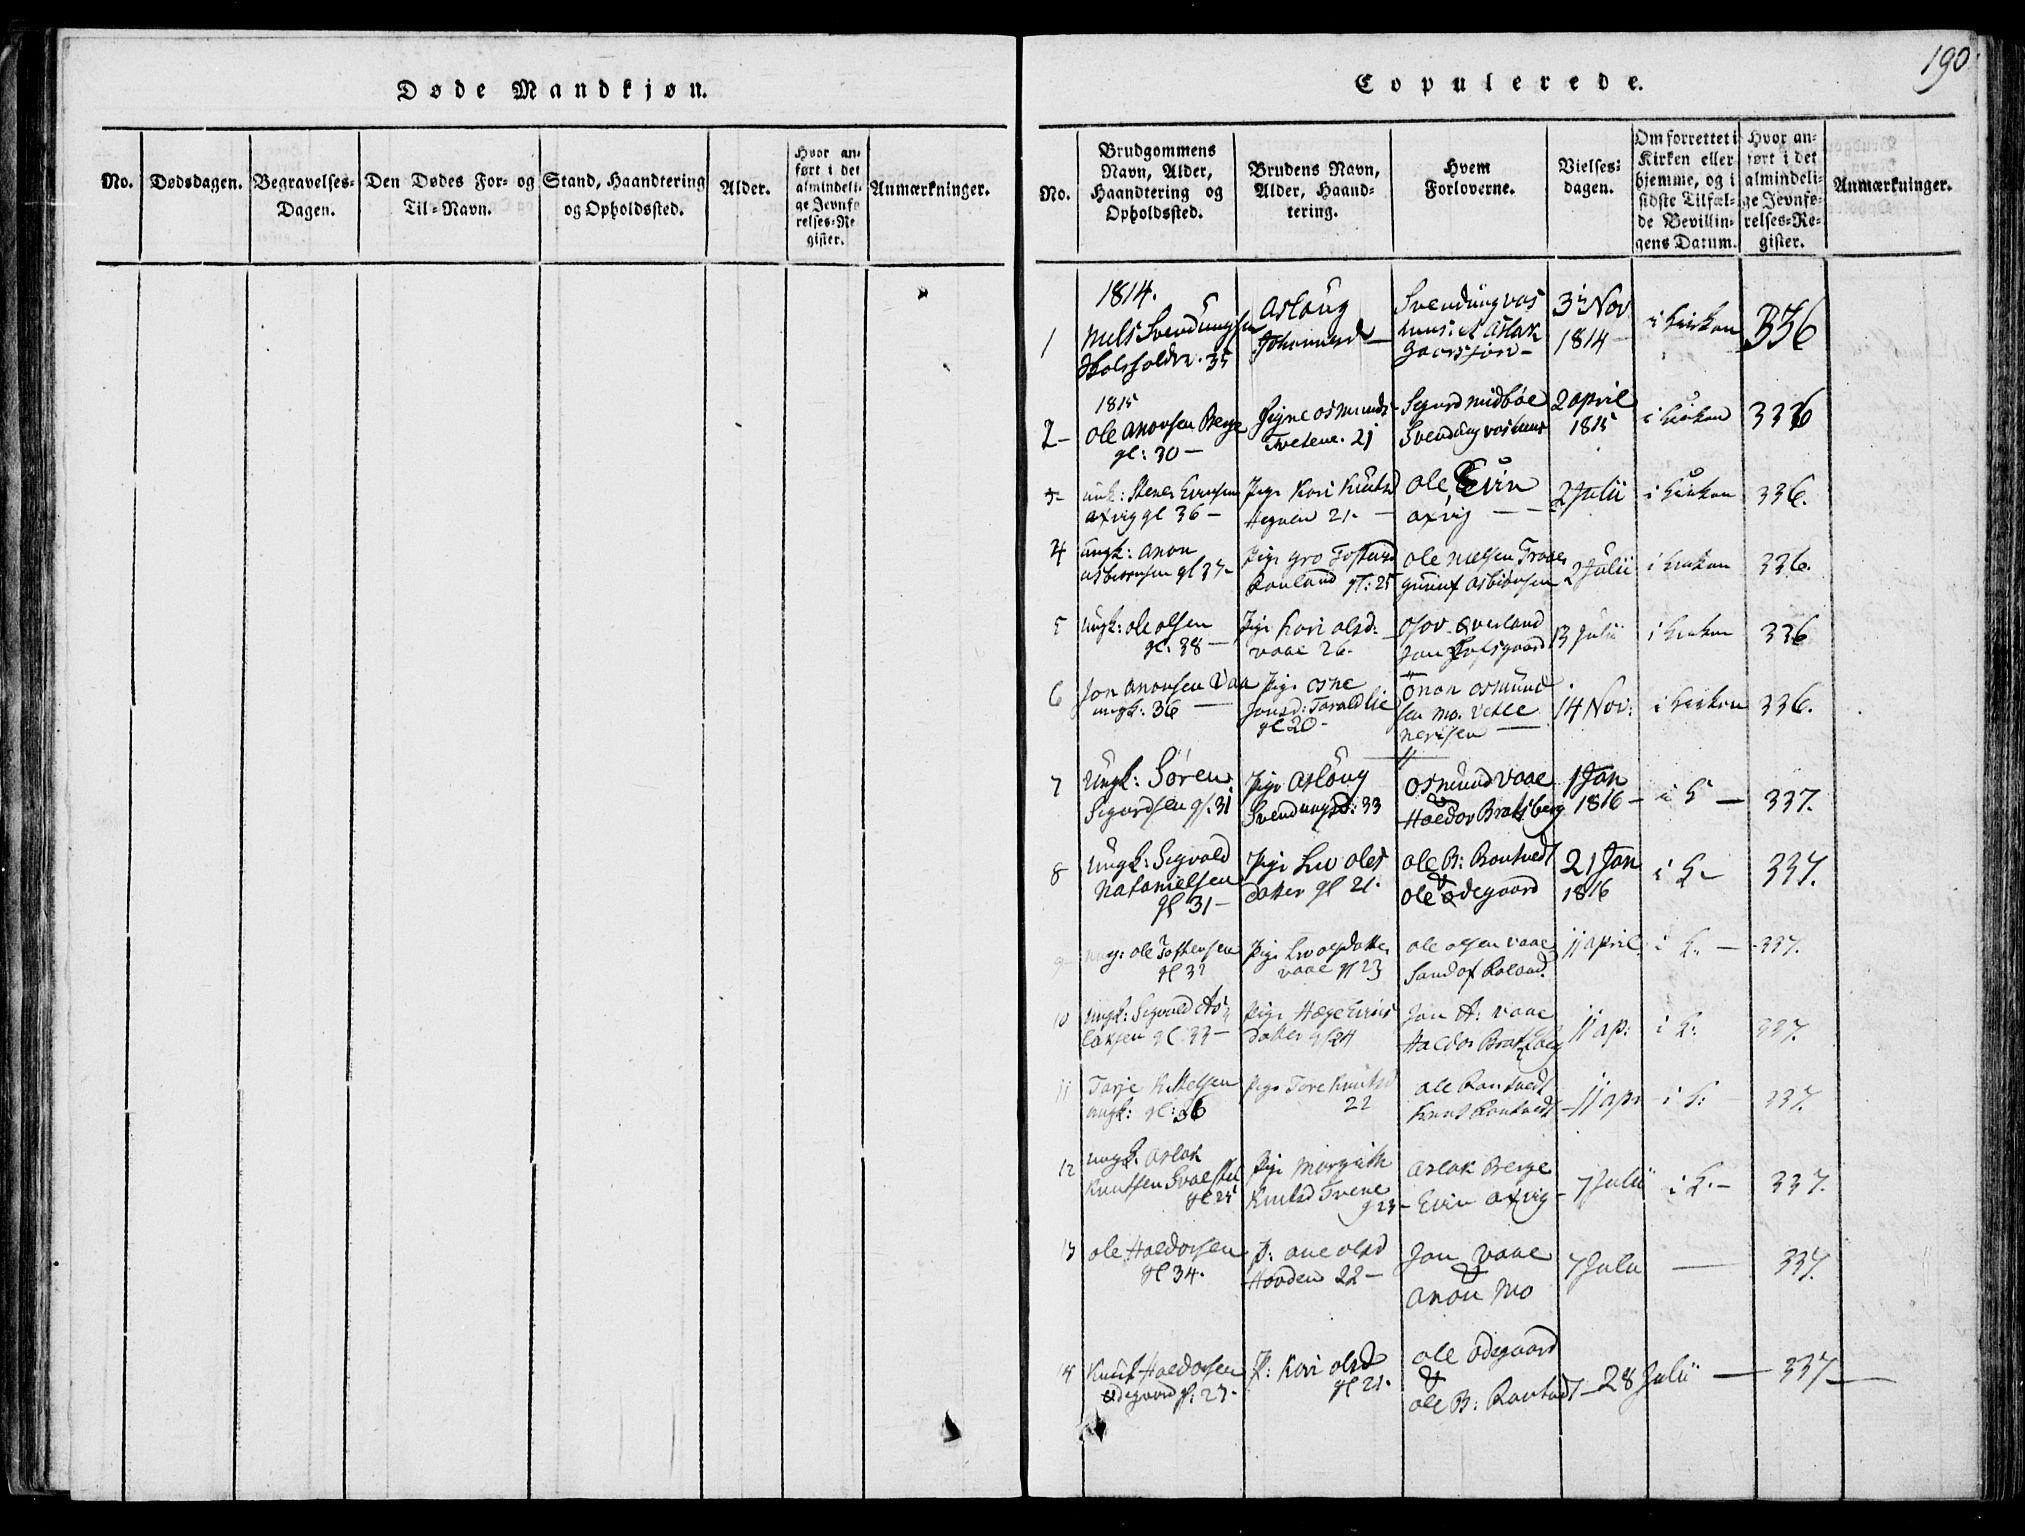 SAKO, Rauland kirkebøker, G/Ga/L0001: Klokkerbok nr. I 1, 1814-1843, s. 190